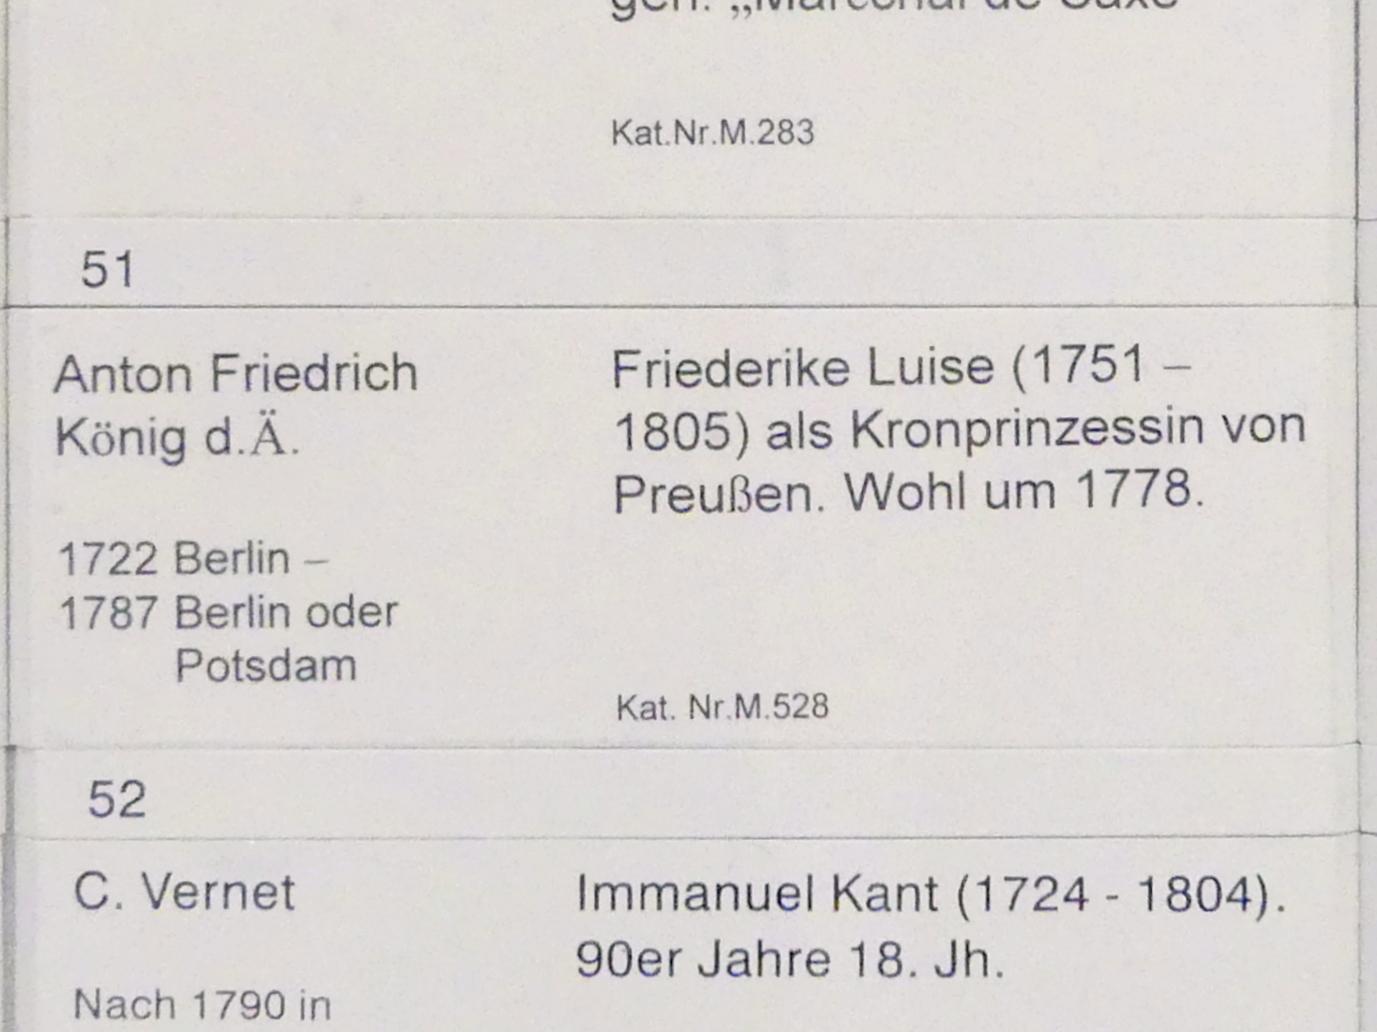 Anton Friedrich König: Friederike Luise (1751-1805) als Kronprinzessin von Preußen, um 1778, Bild 2/2